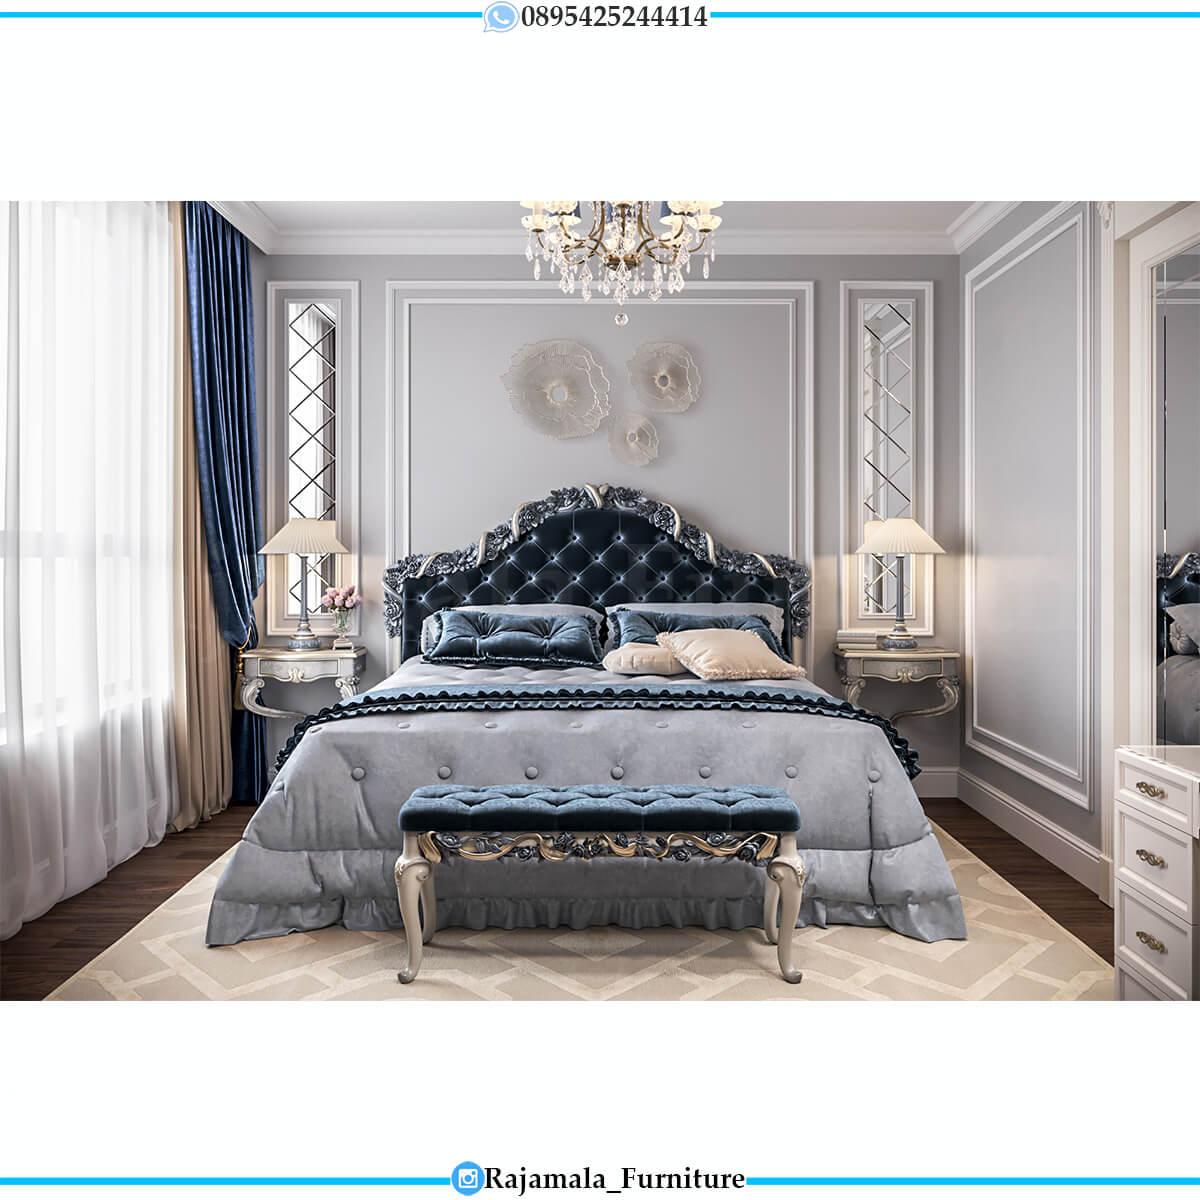 New Desain Tempat Tidur Mewah Ukir Jepara Elegant Luxury Classic RM-0706